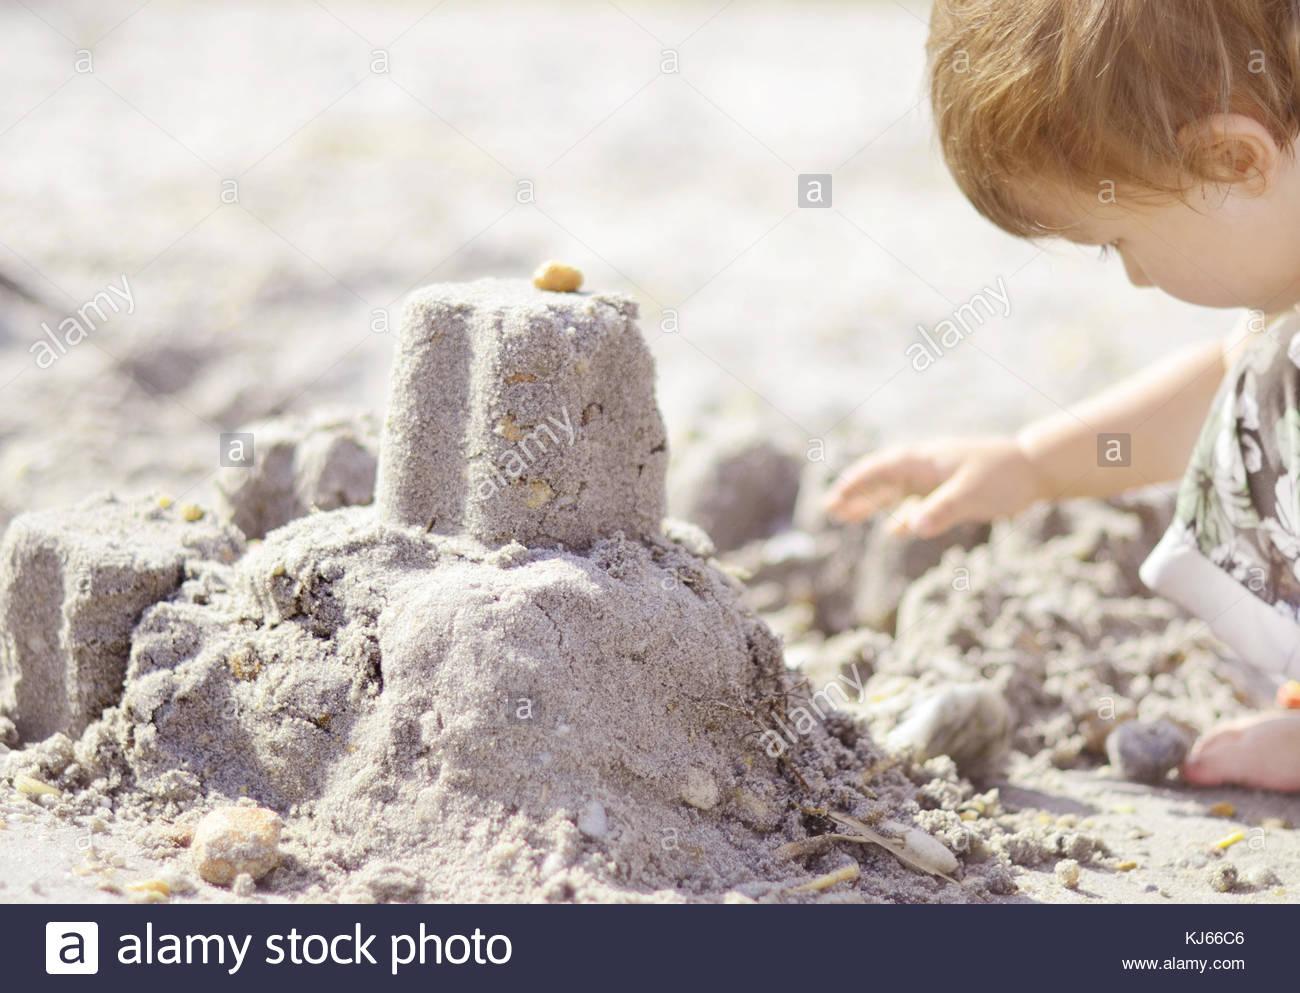 Château de sable de l'enfant Photo Stock